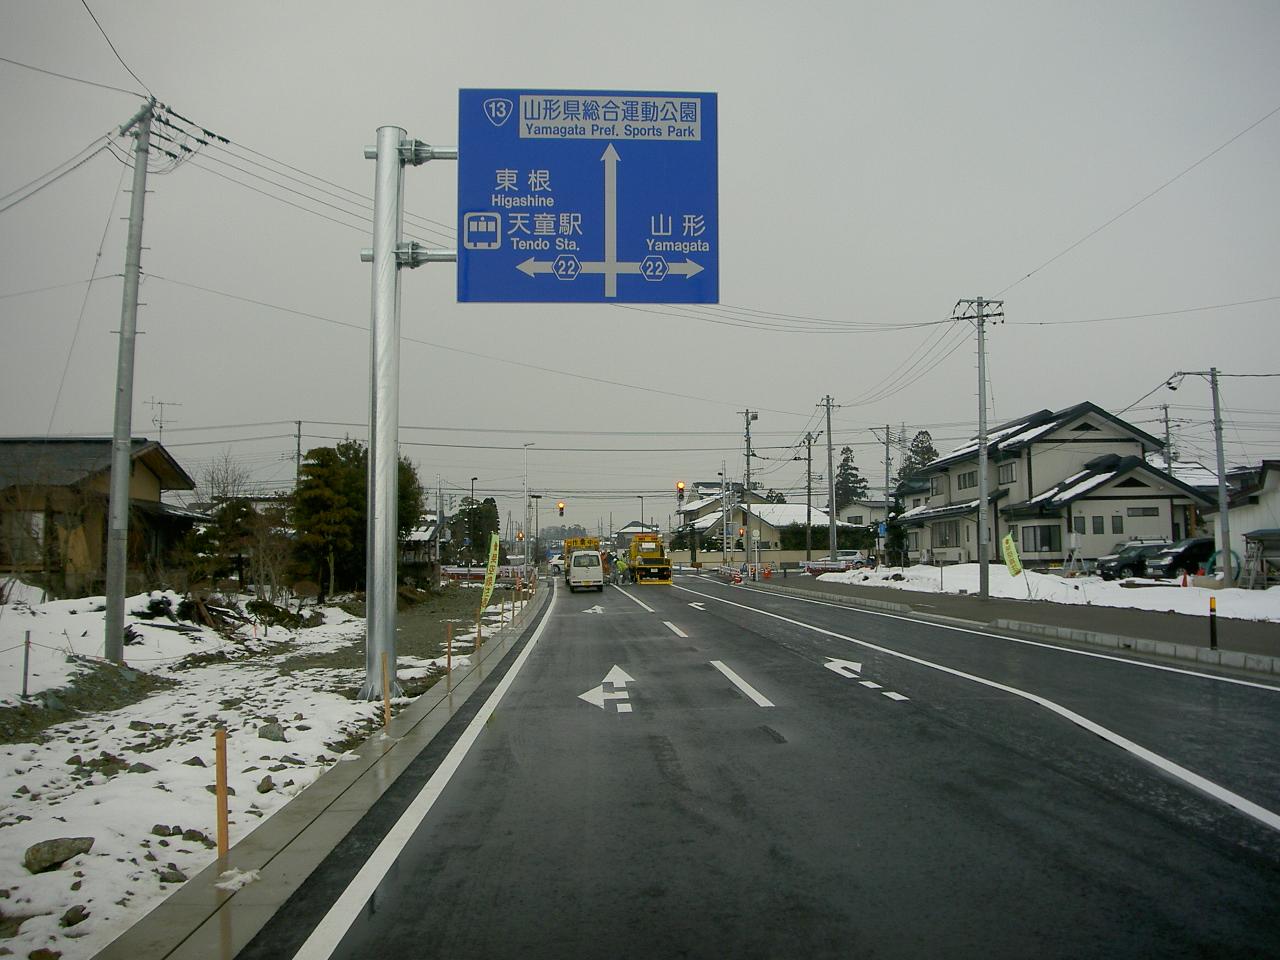 芳賀土地区画整理事業都市計画道路舗装工事